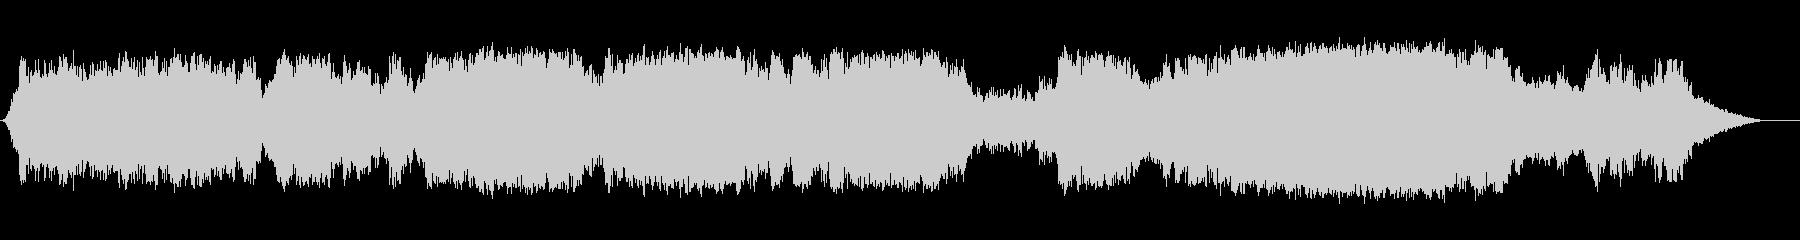 幻想的なオーケストラBGMの未再生の波形